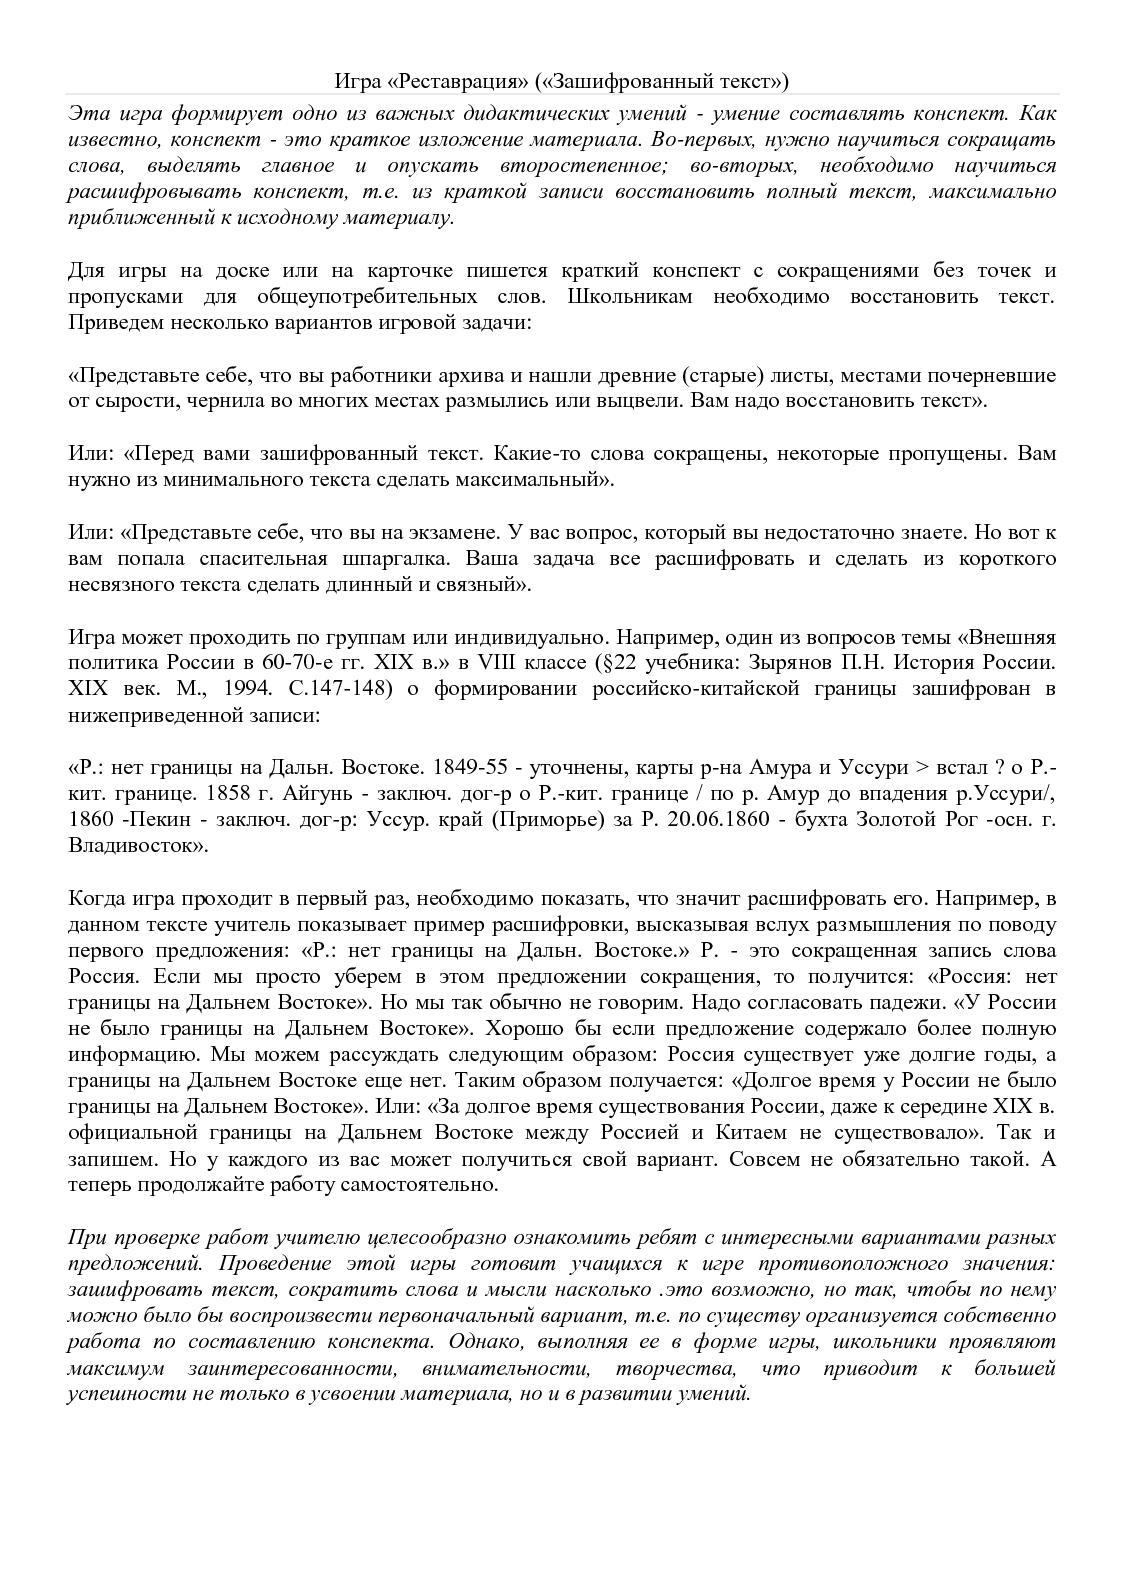 Экономическая целесообразность - это... оценка экономической целесообразности :: businessman.ru